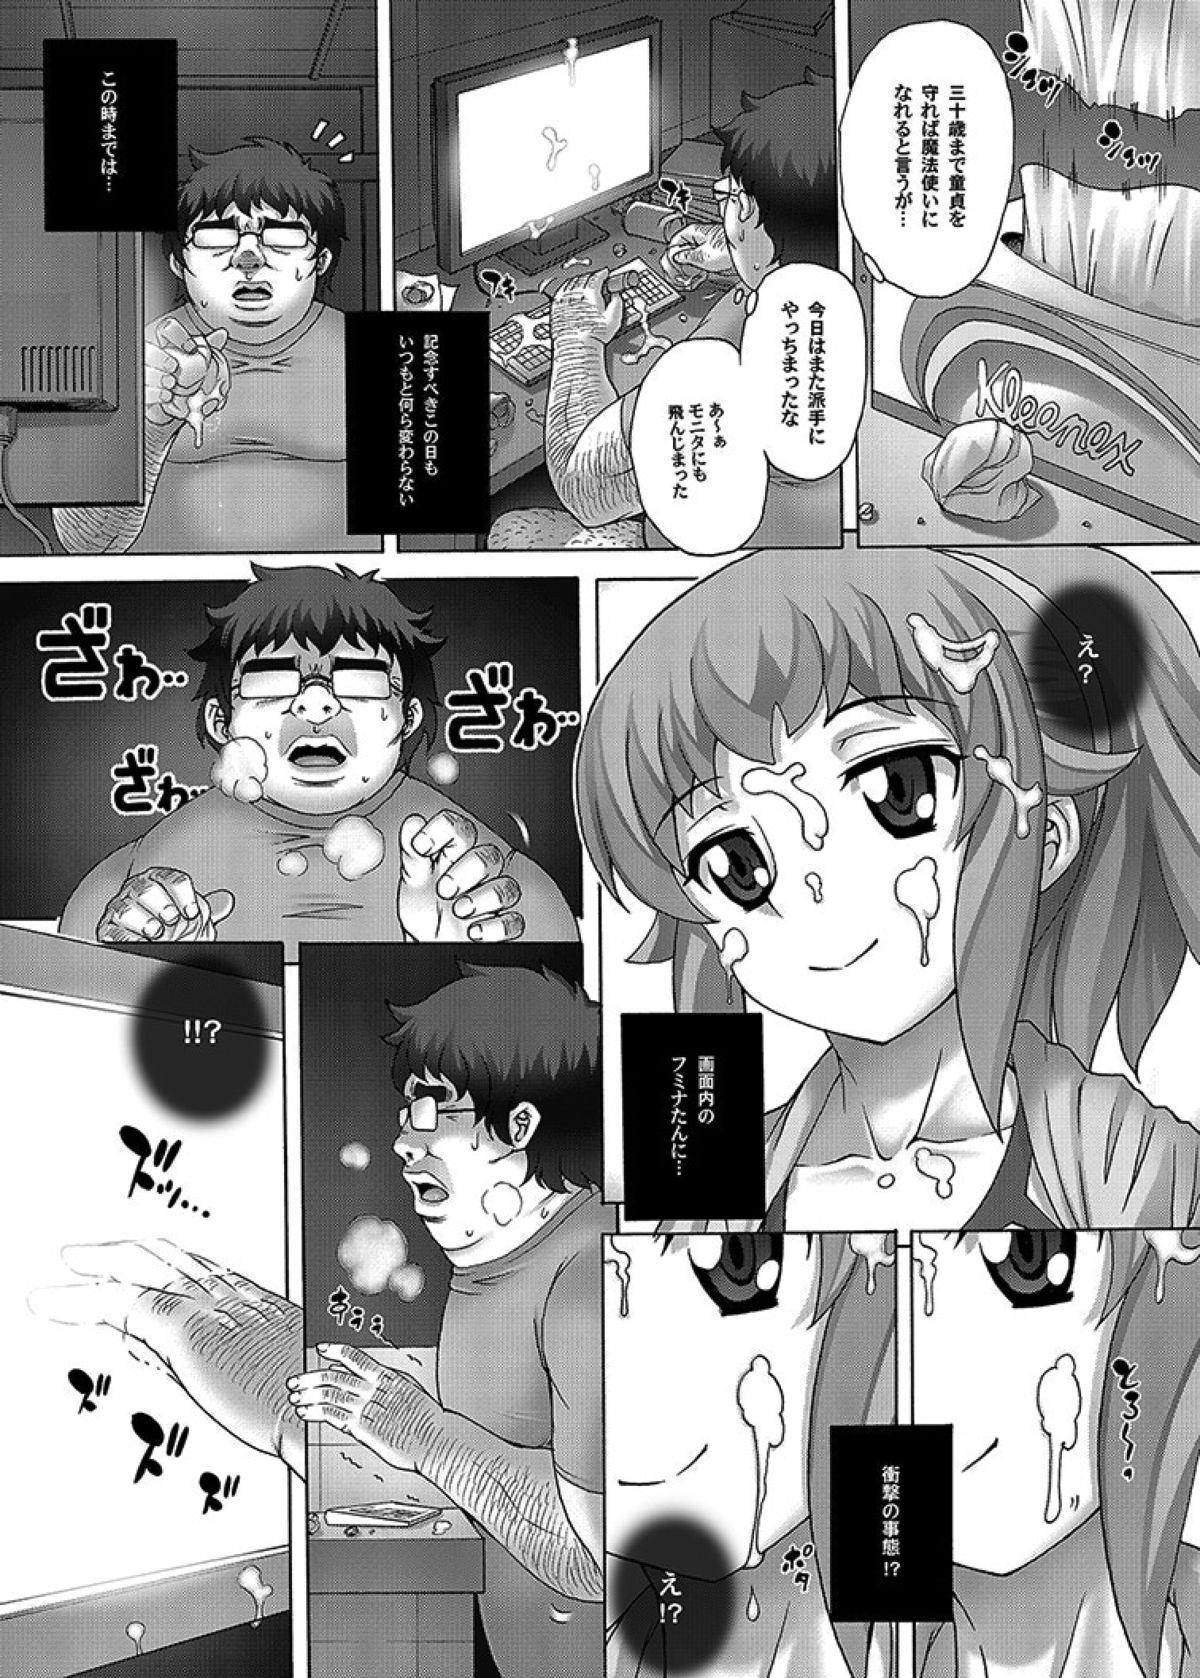 Anime Yome Ichijiteishi! Monitor-nai no Yome ni Eroi Koto o Shimakuru Hanashi 5